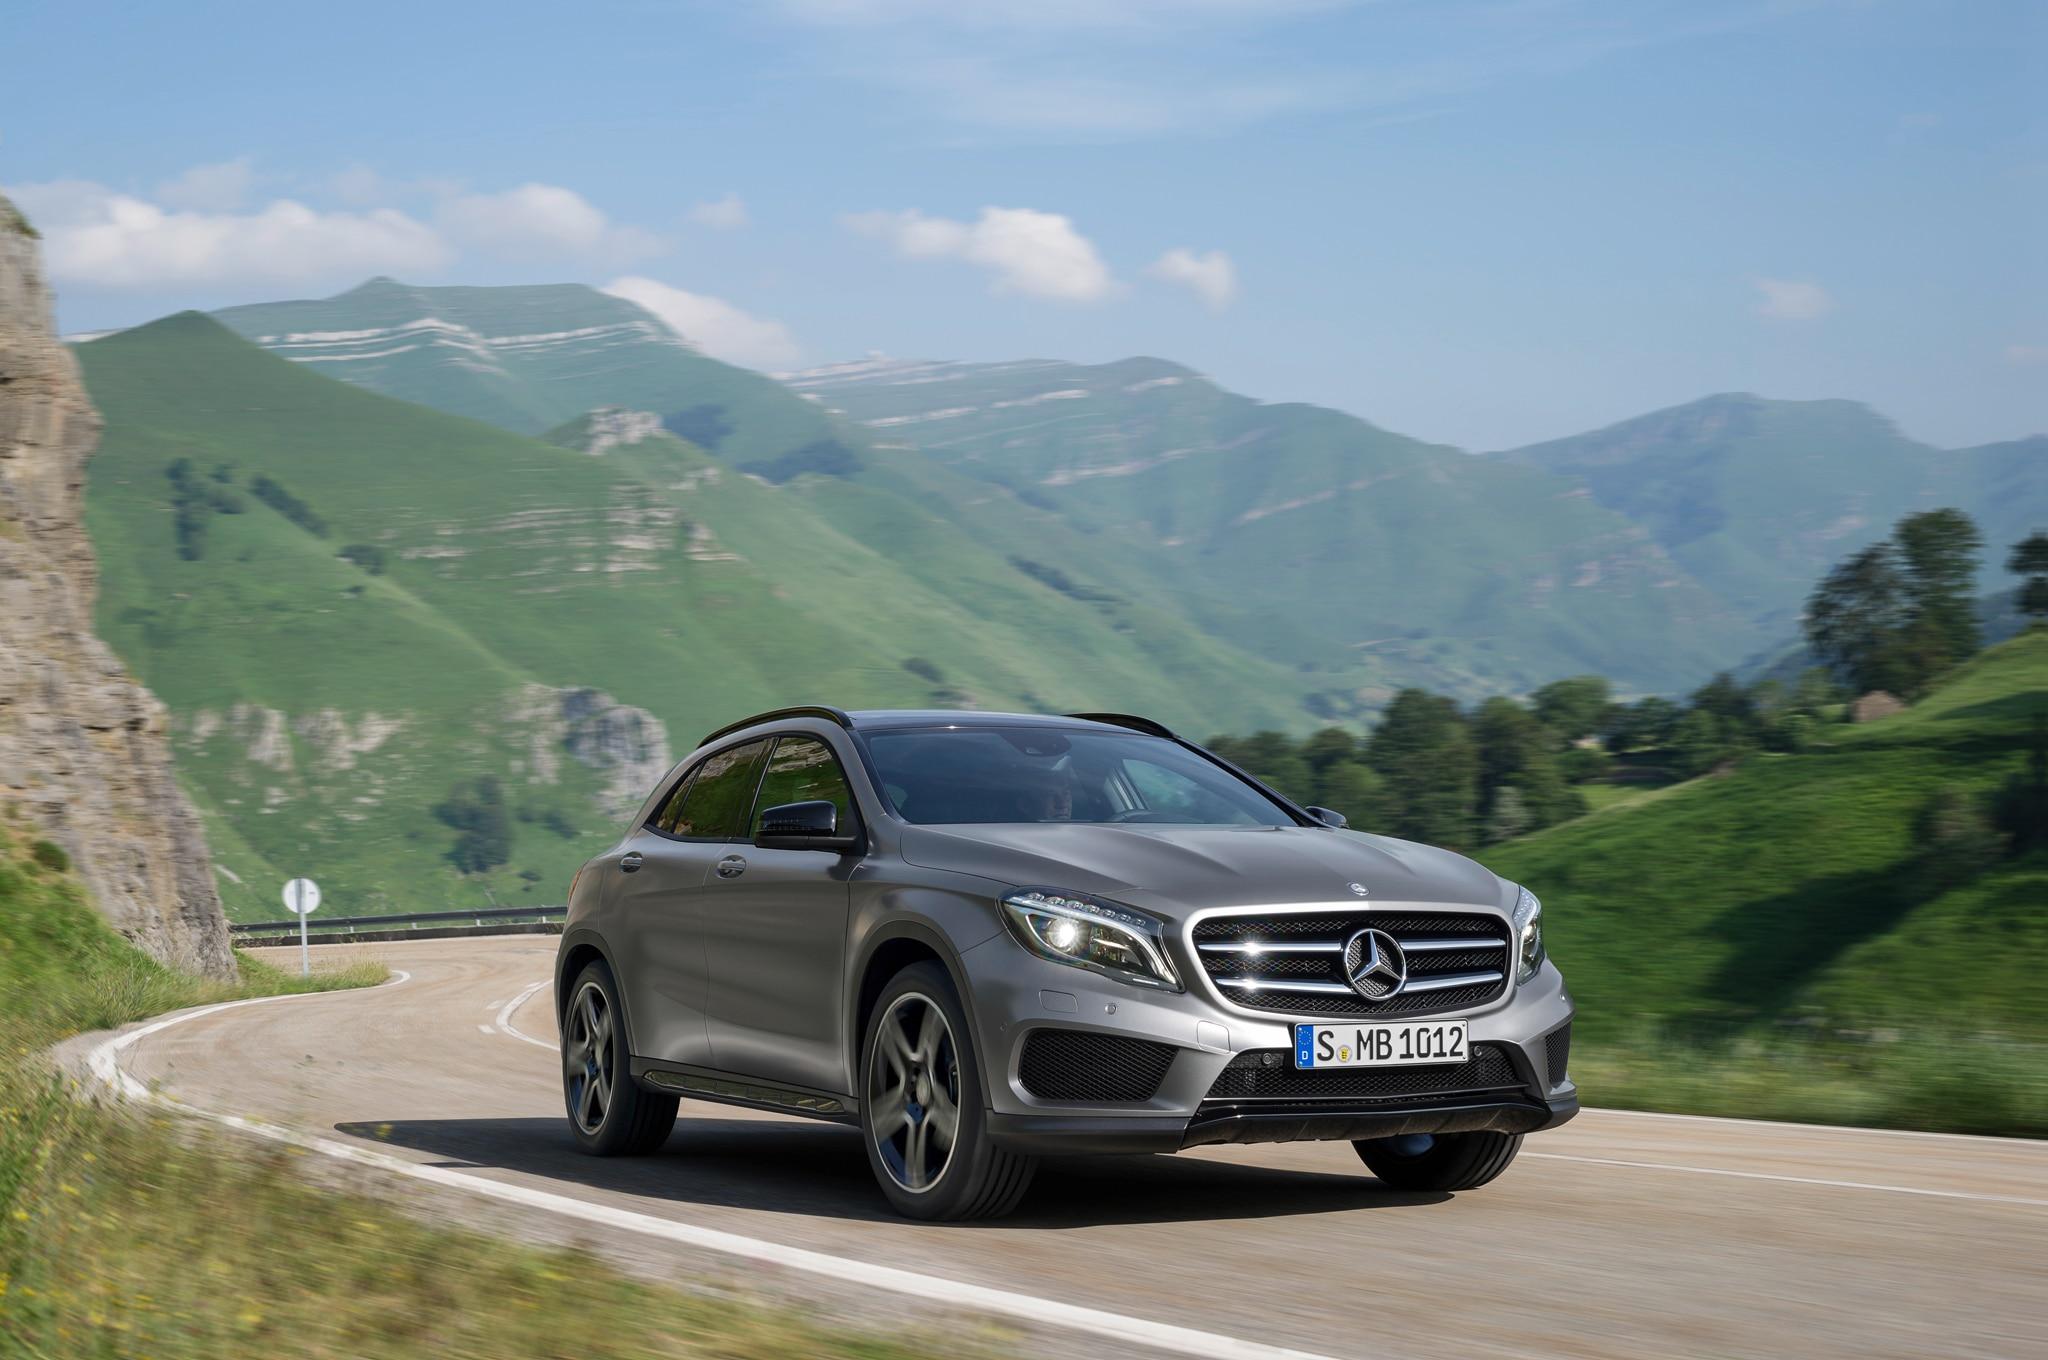 2015 Mercedes Benz GLA250 Front Three Quarters 021